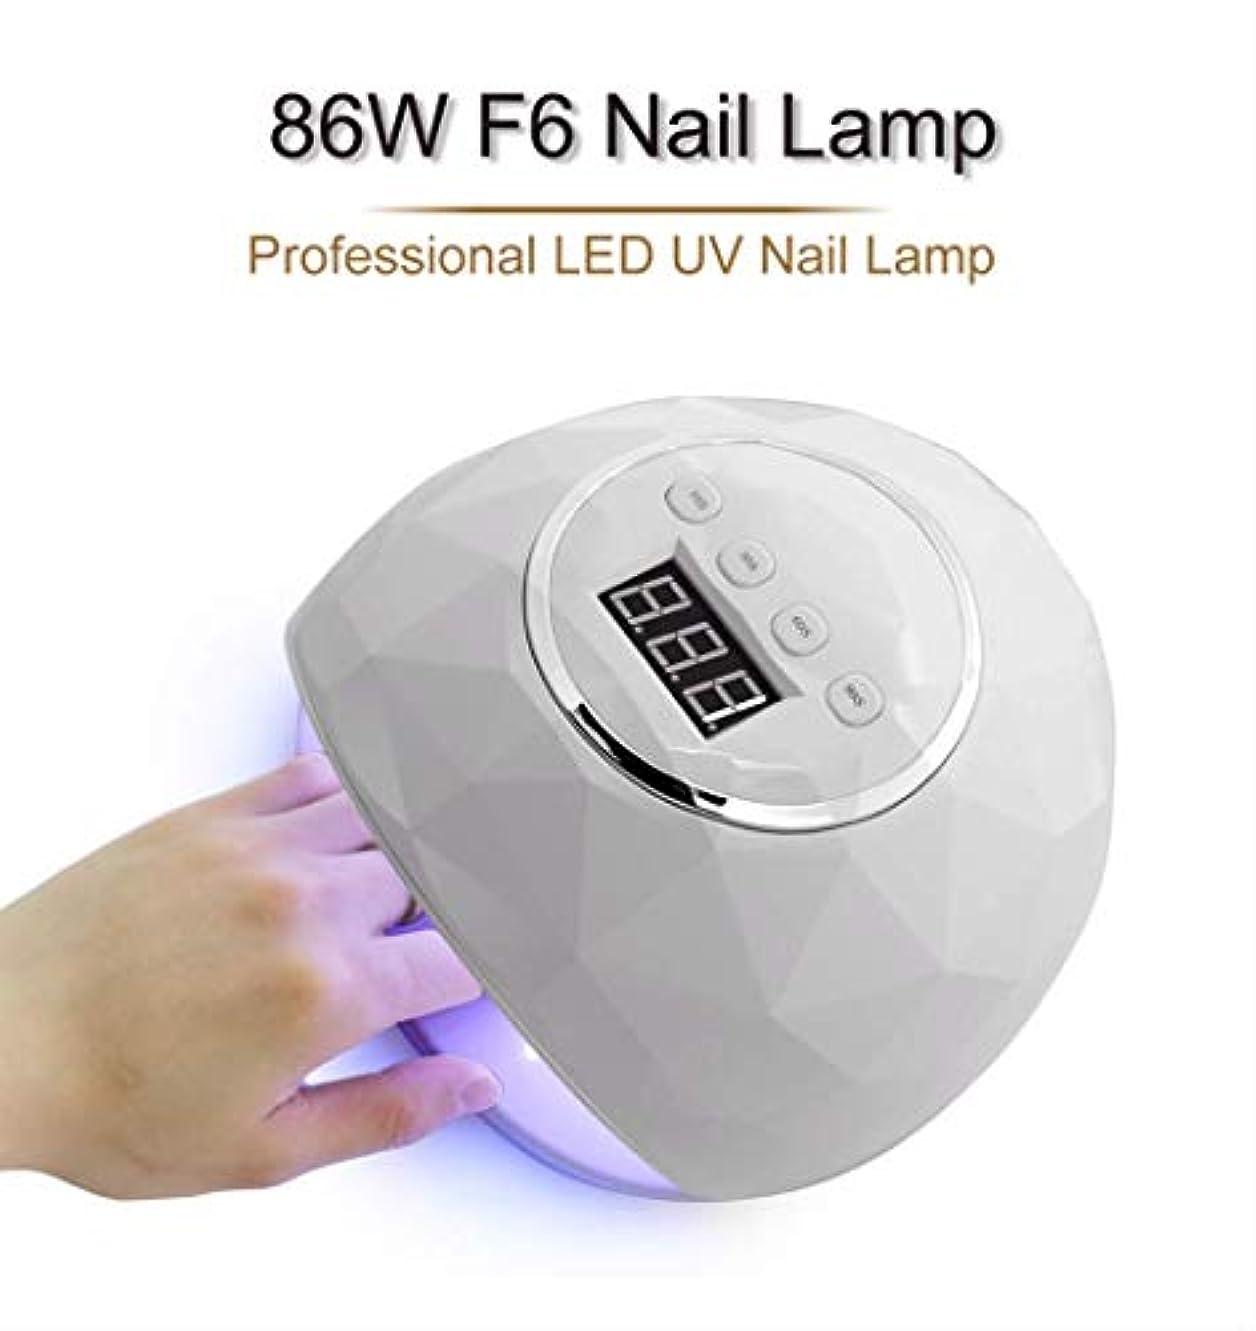 毒液ジャニス窒息させるセンサータイマーLCDディスプレイによる硬化UVジェルネイルポリッシュ用RRSHUN 86ワット紫外線吸収LEDランプネイルドライヤー39のLeddualハンズネイルランプ